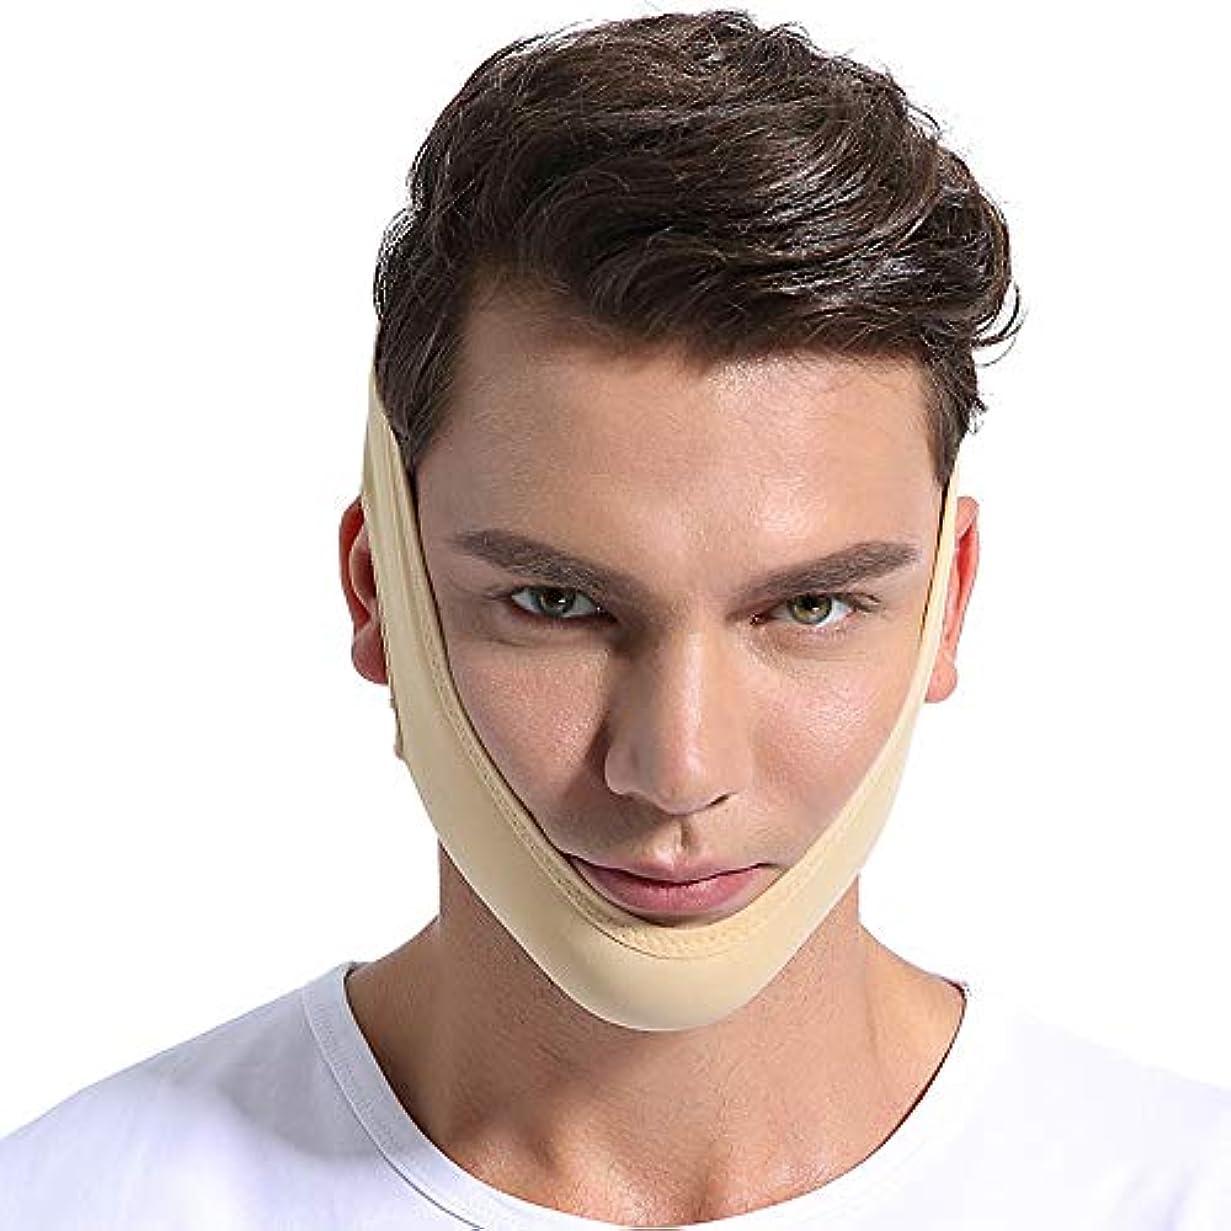 生フォーク終わり女性用フェイススリミングマスク、ウェルネスマスク、フェイスケア用フェイスバンデージフェイシャルスリミングマスクシンネックフェイスリフトダブルチンVフェイスラインアンチストレスマスクスムース通気性スリムアップベルトストラップ